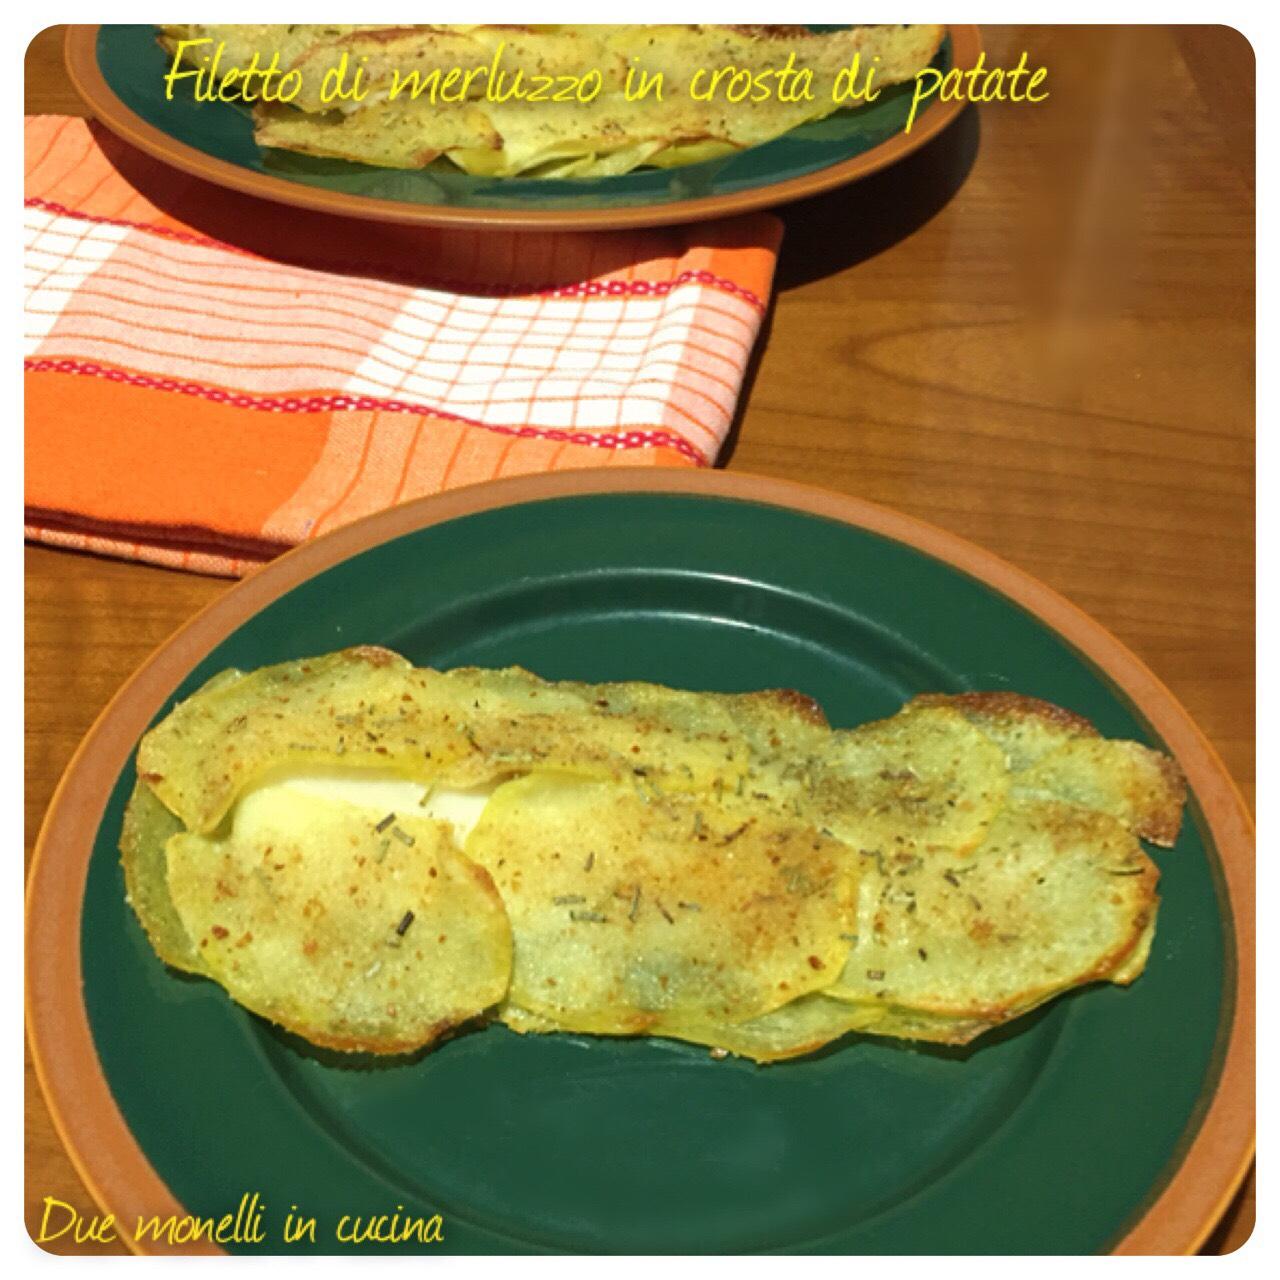 Filetto di merluzzo in crosta di patate